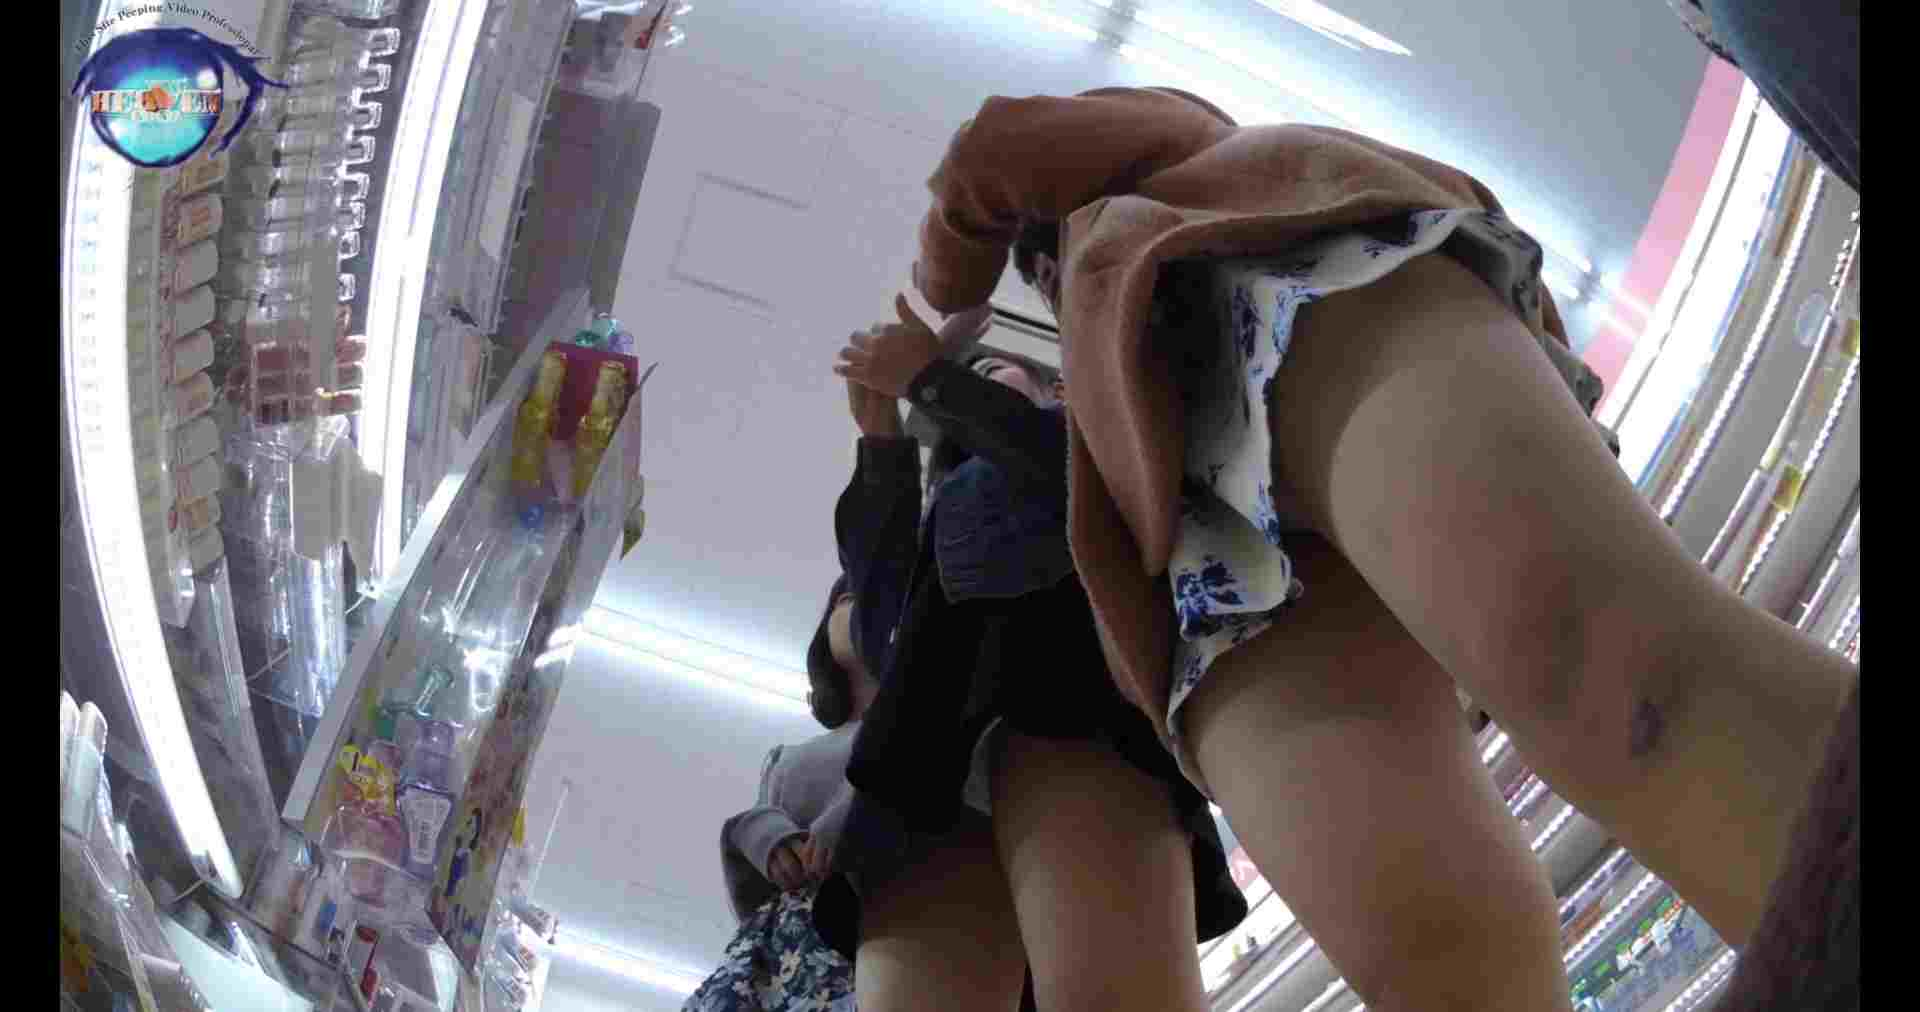 雅さんの独断と偏見で集めた動画 teenパンチラ編vol.8 パンチラ おまんこ動画流出 53連発 4